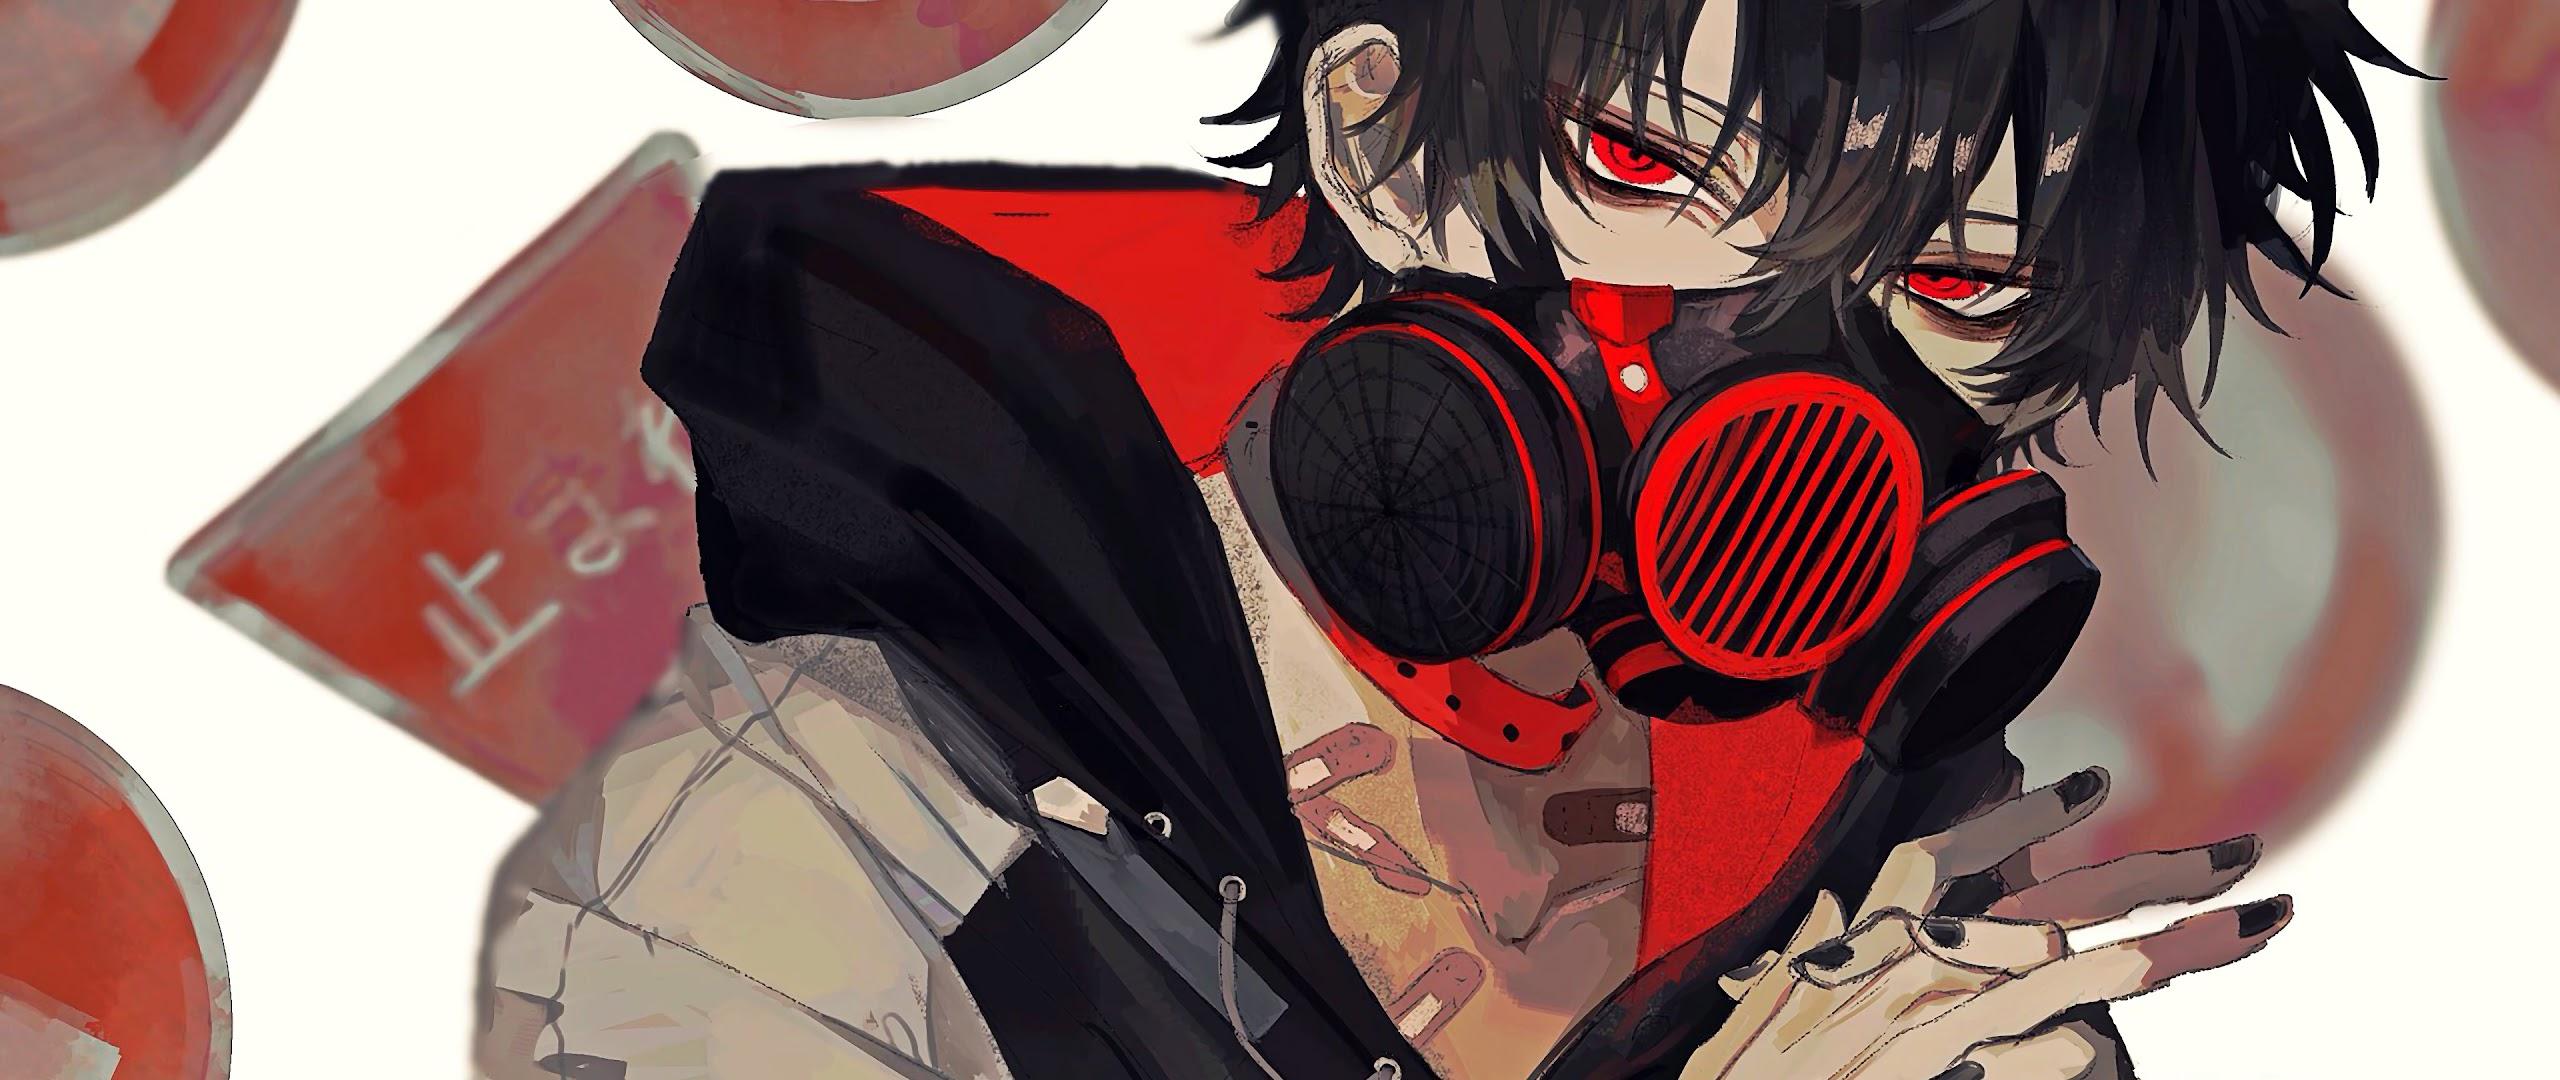 Anime, Boy, Gas Mask, 4K, #164 Wallpaper